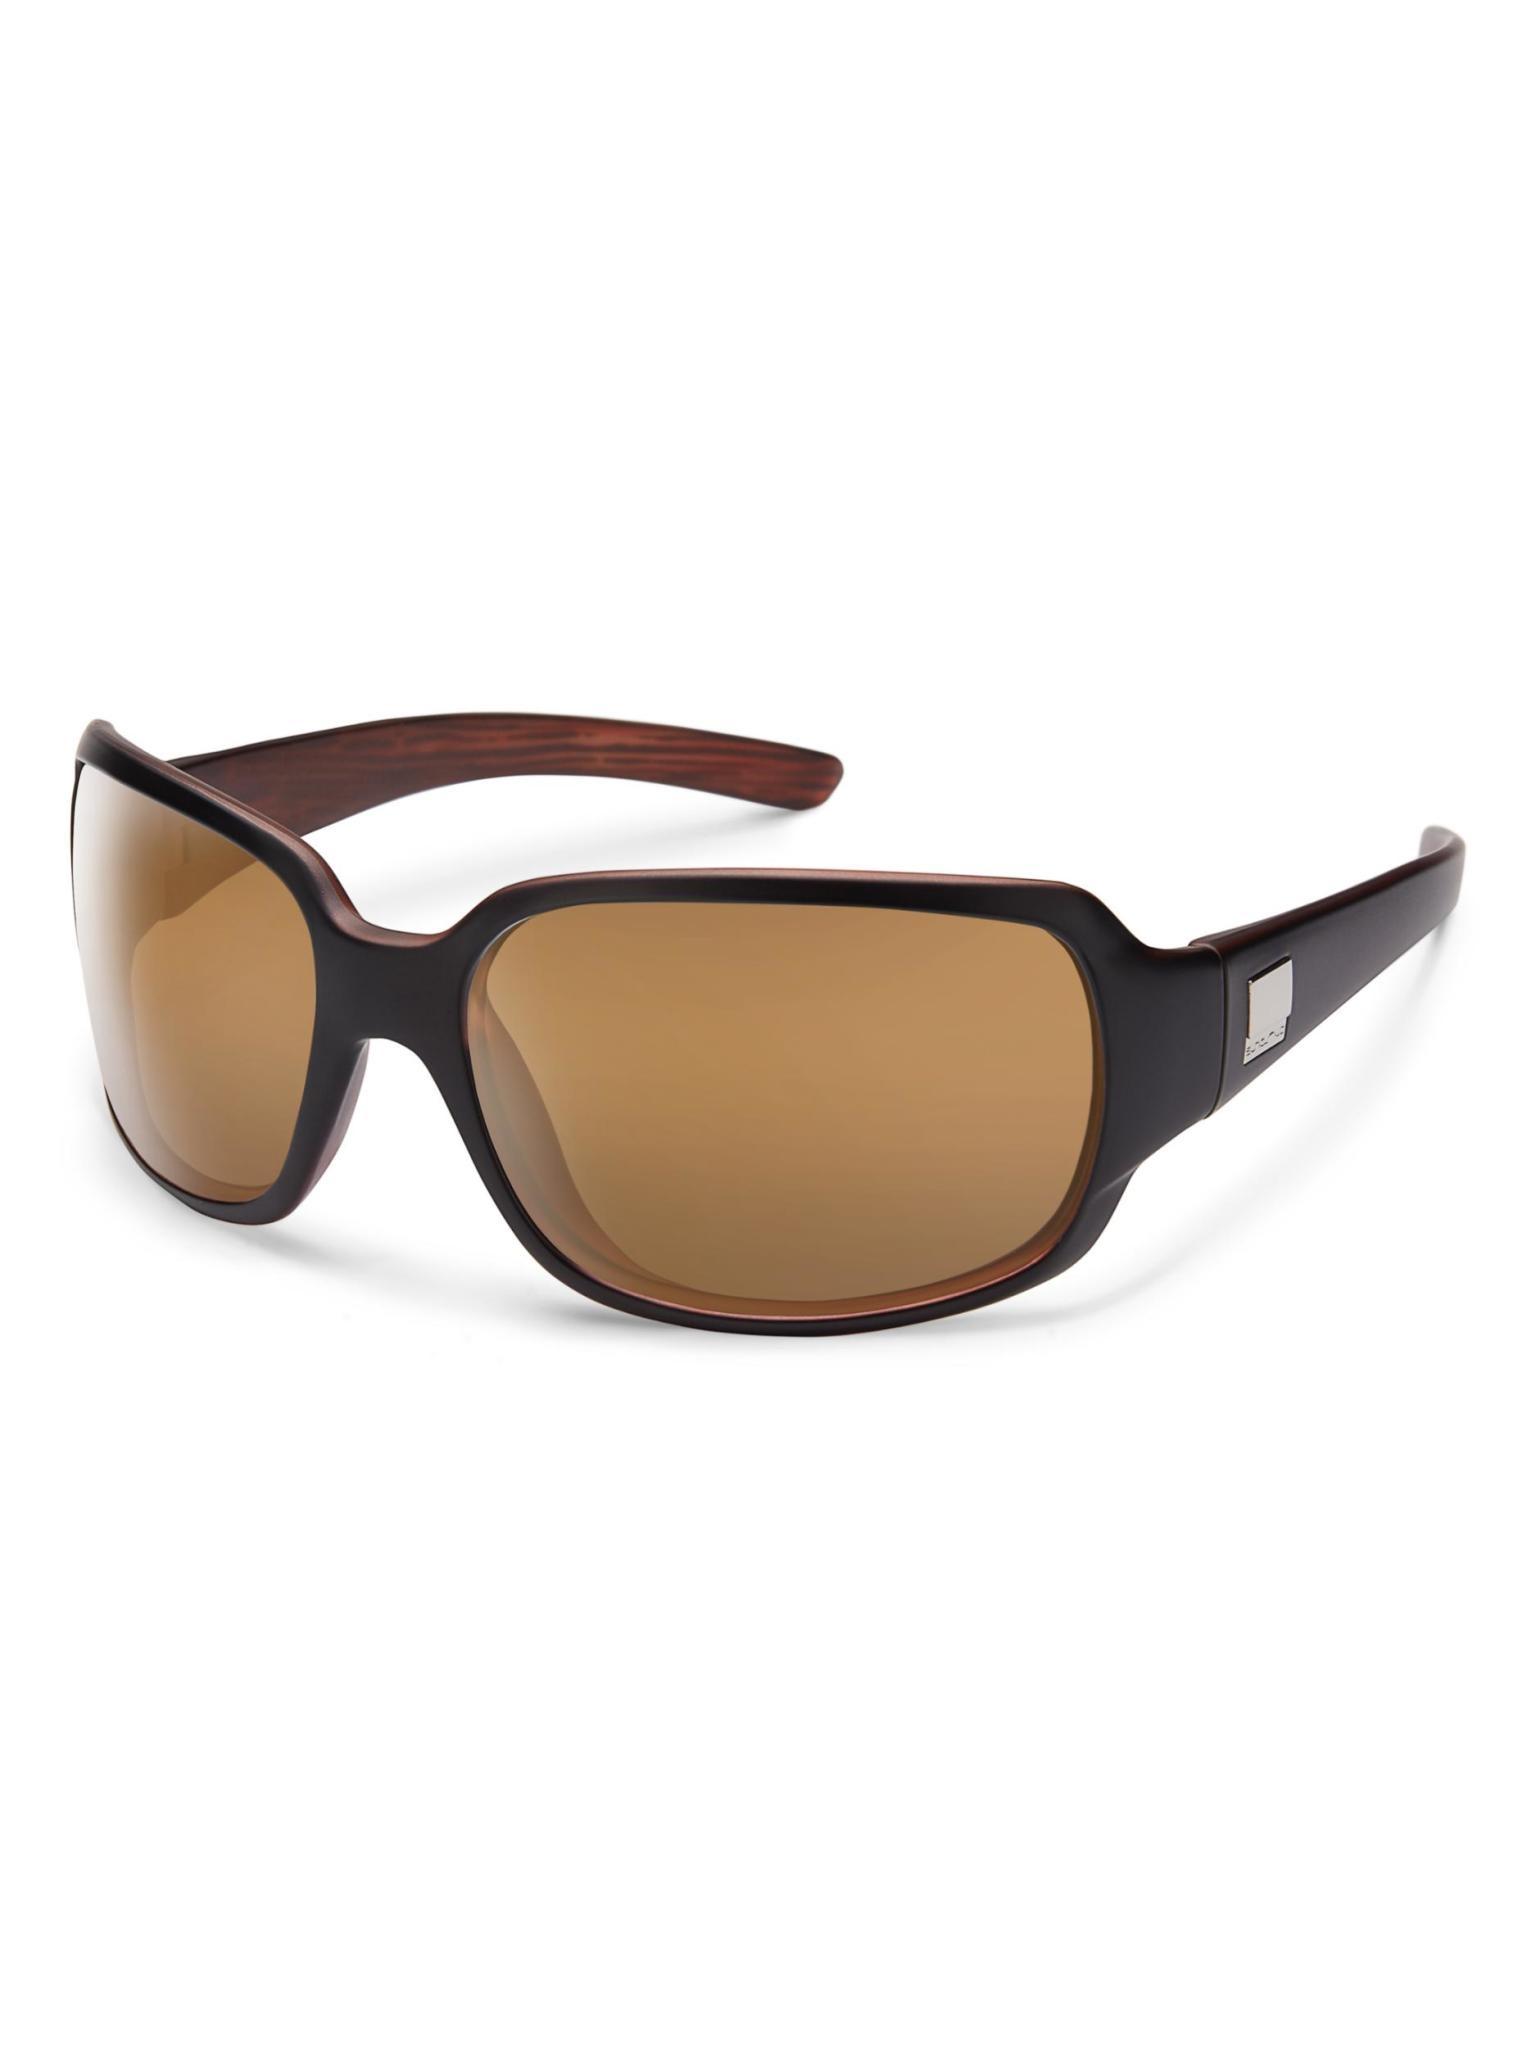 Cookie Sunglasses Matte Black Polarized Sienna Mirror